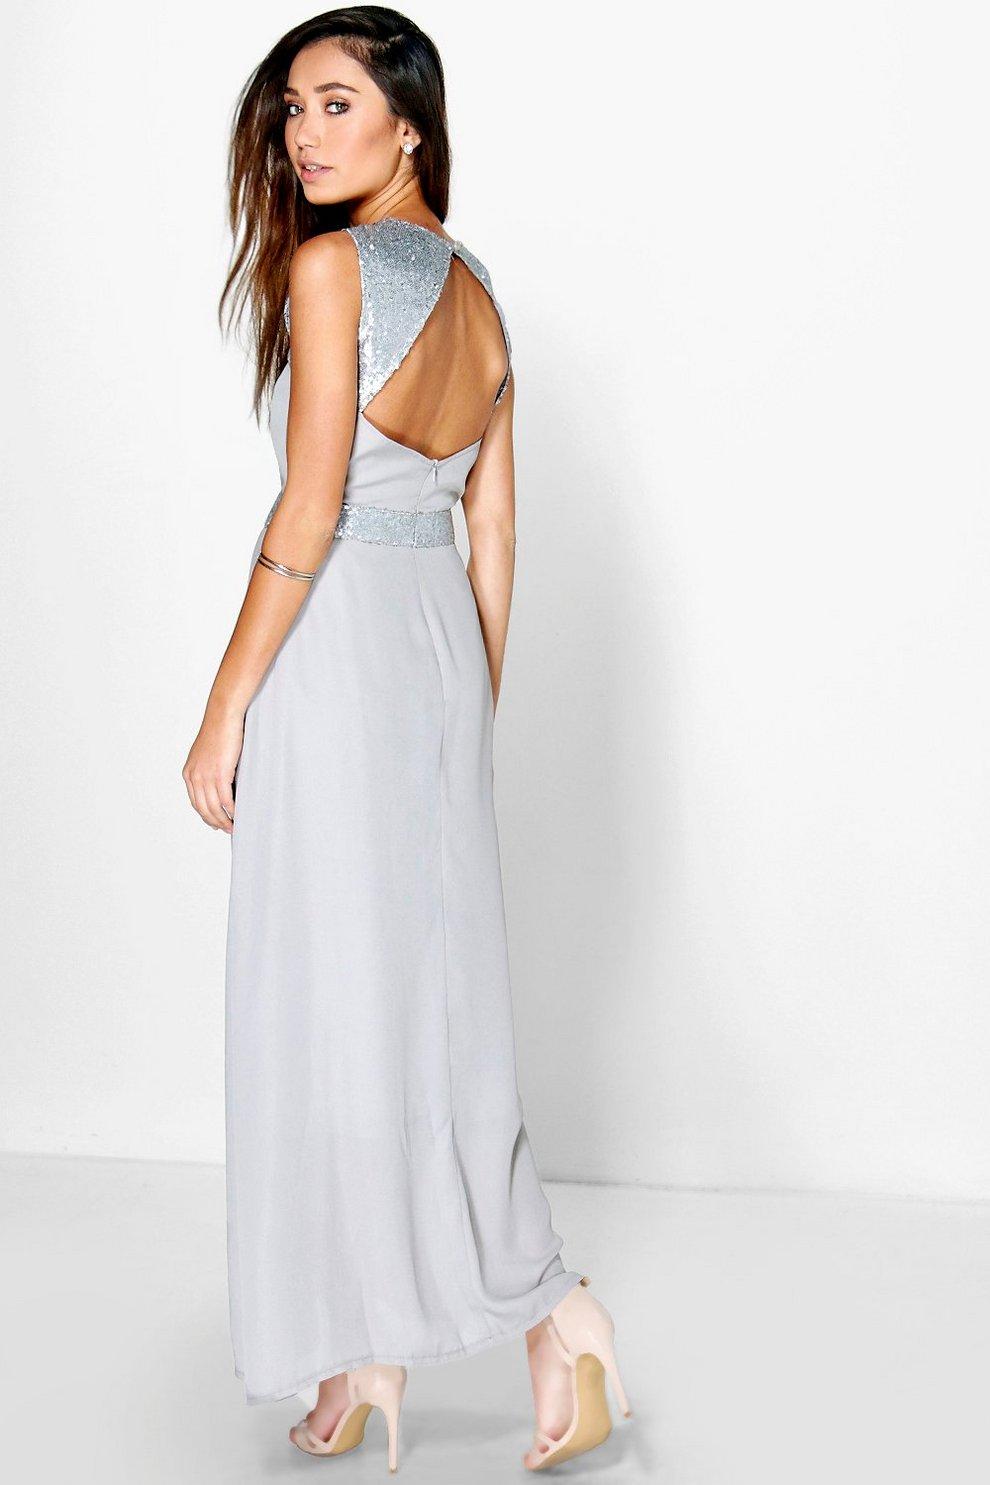 size 40 3c2f4 cfa42 lillianna abito lungo impreziosito con paillettes e schiena ...